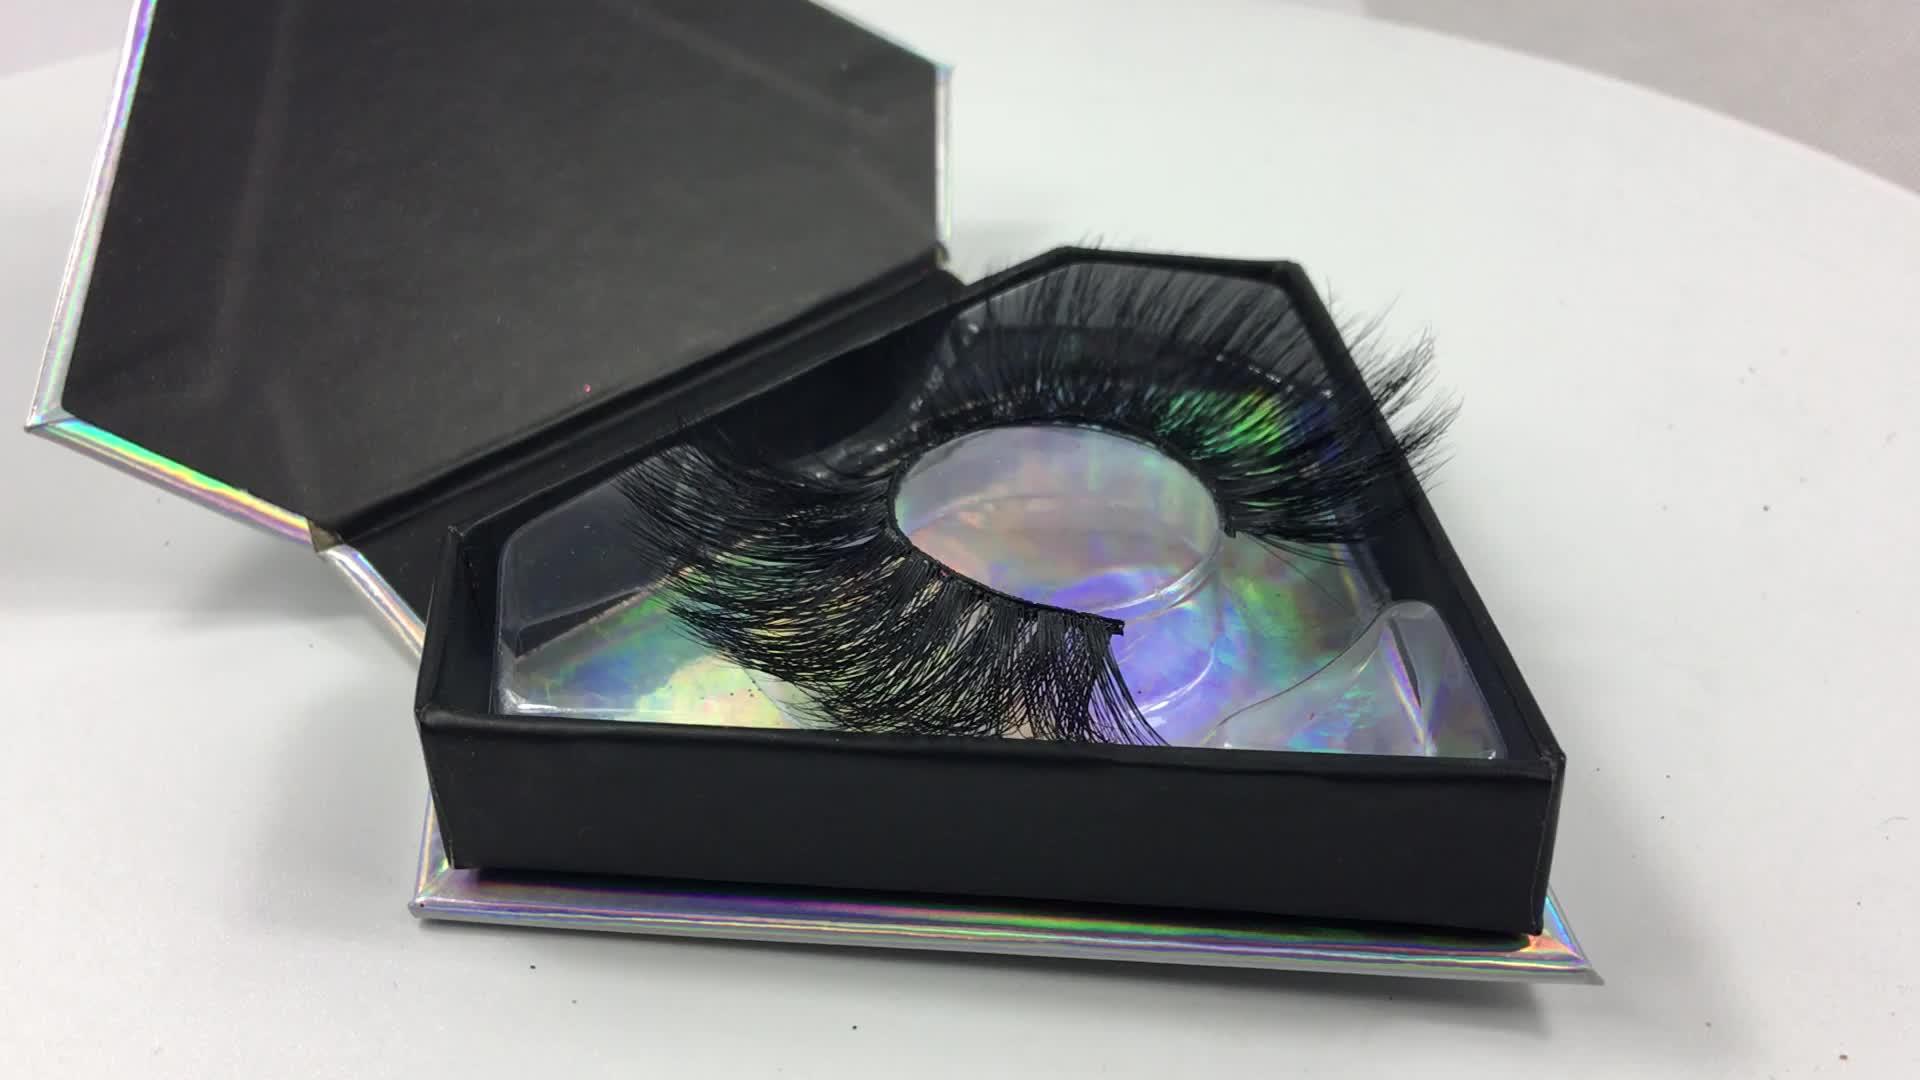 จริง hand made 100% มนุษย์ผมของตัวเองยี่ห้อ 3d ขนตาปลอม,ผ้าไหมฉลากส่วนตัว mink eyelashes extension